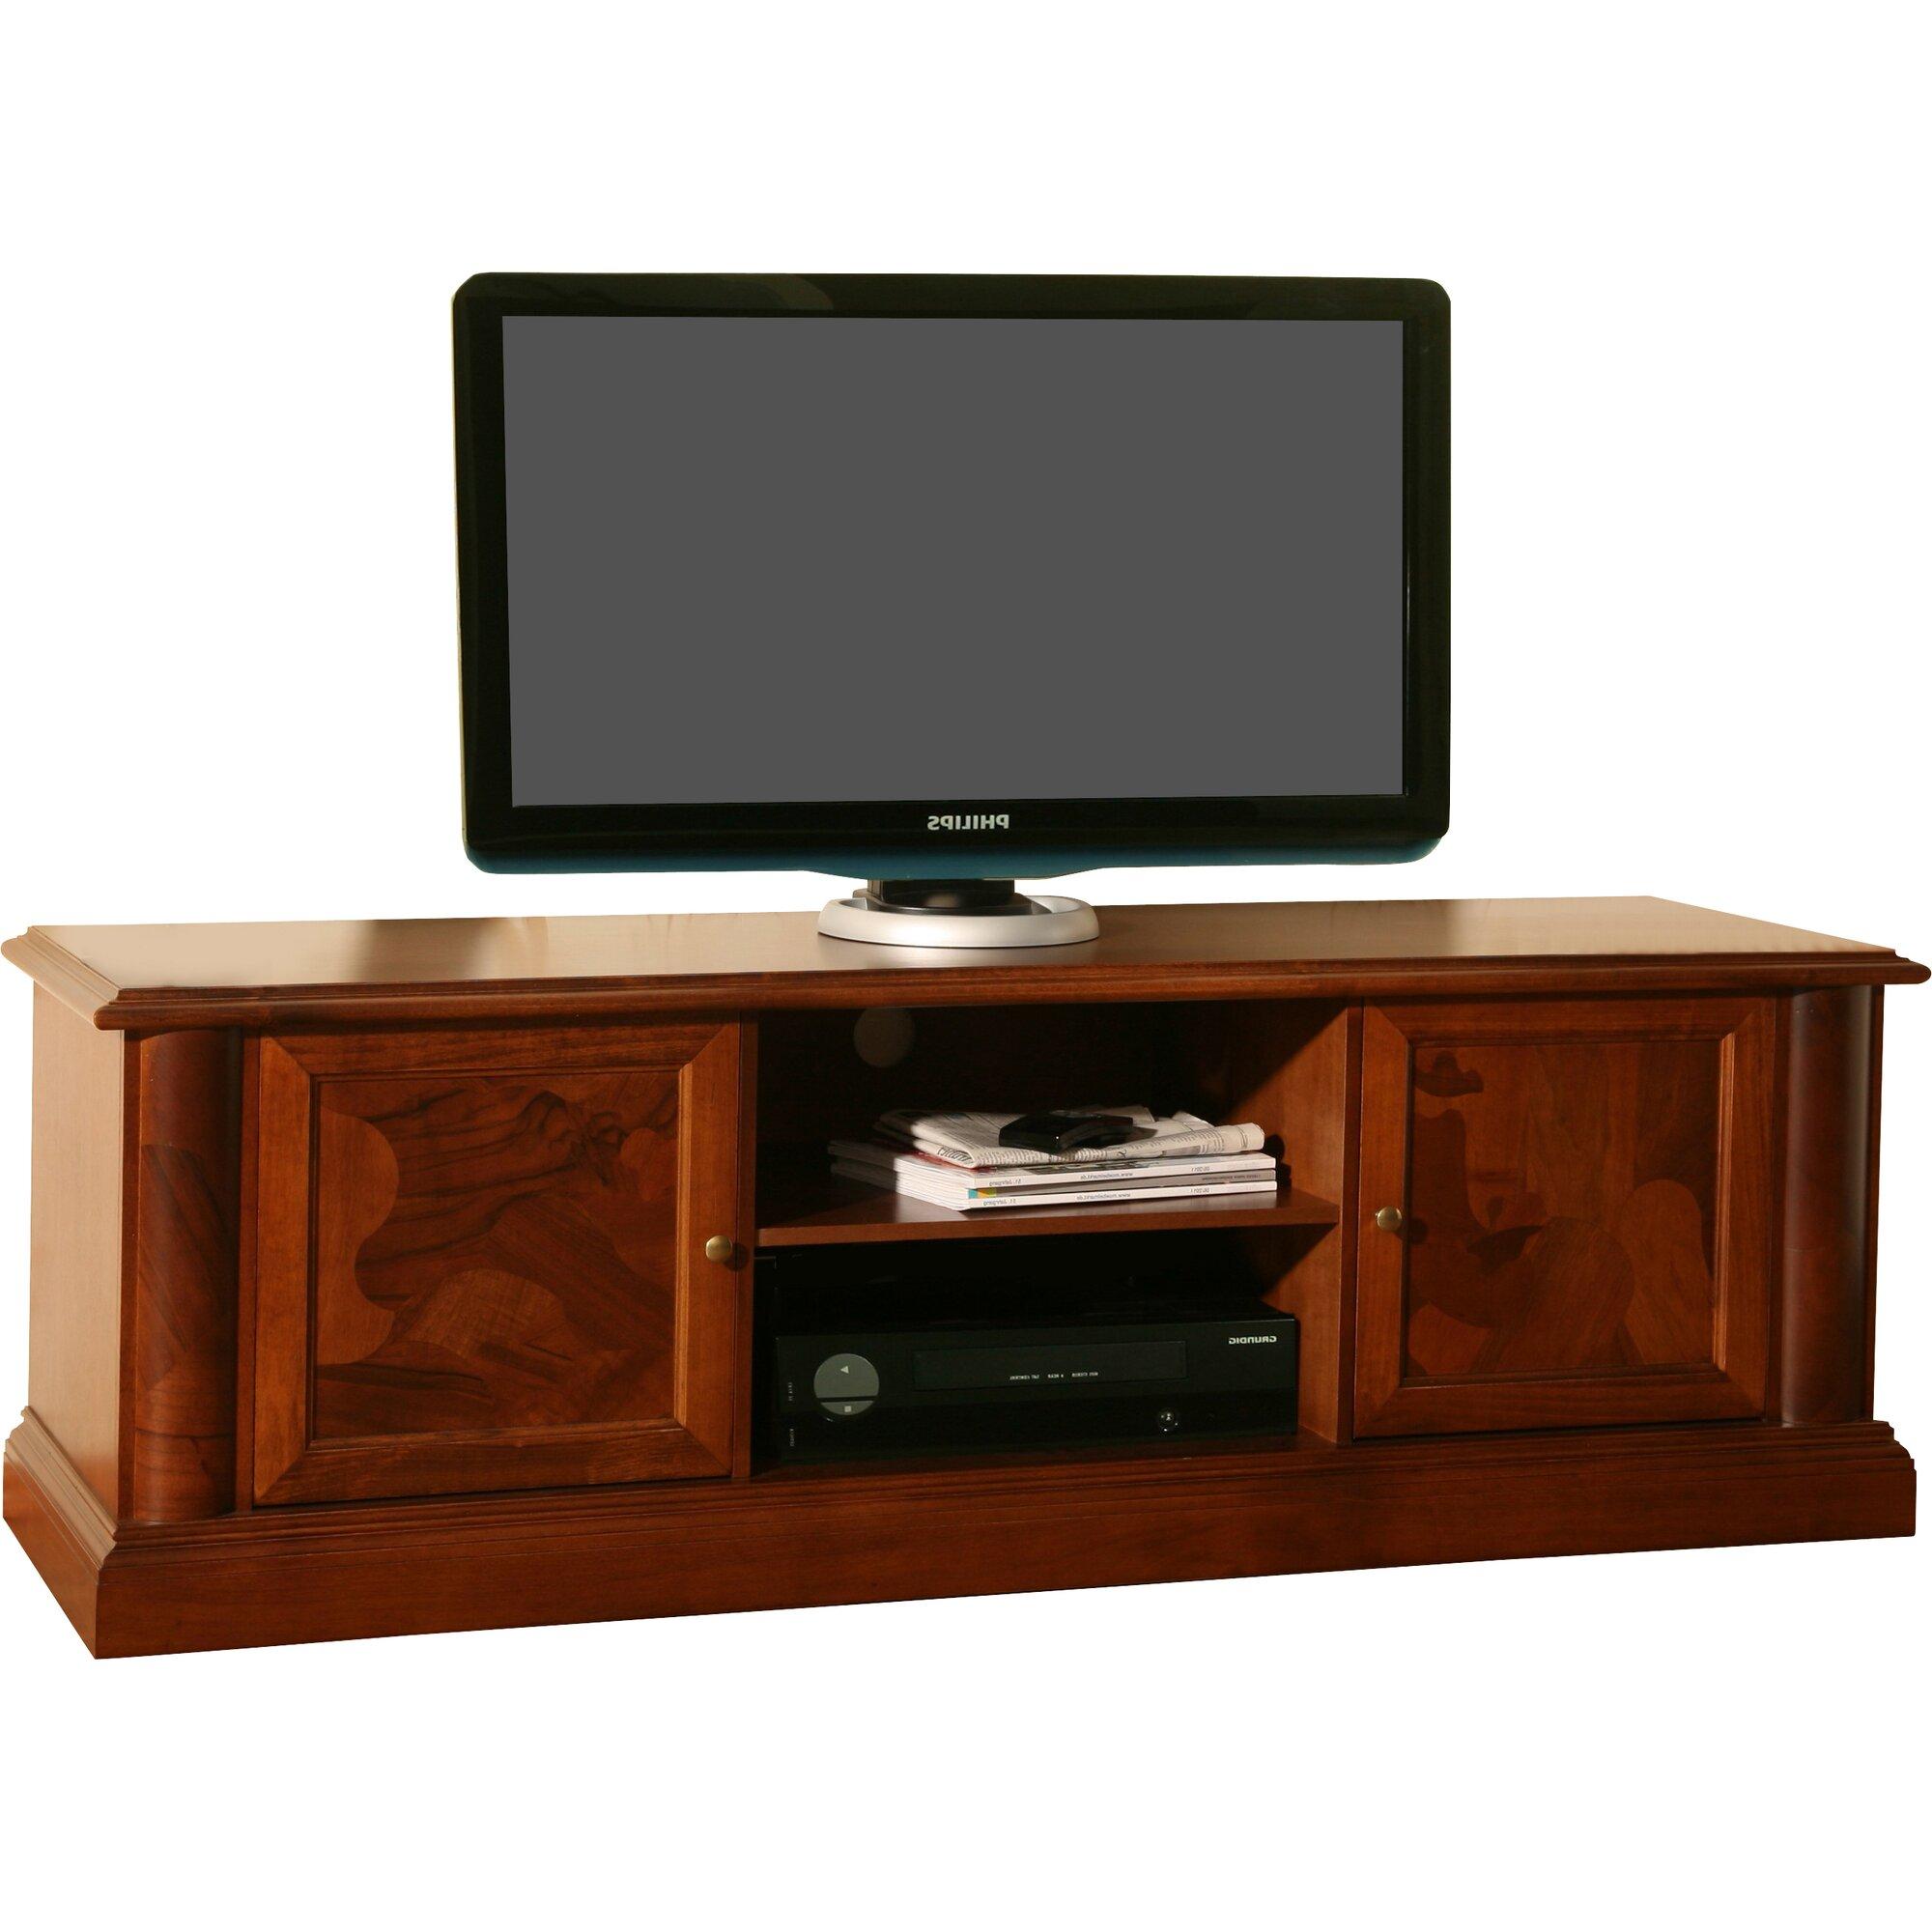 tv schrank zu verschenken inspirierendes design f r wohnm bel. Black Bedroom Furniture Sets. Home Design Ideas